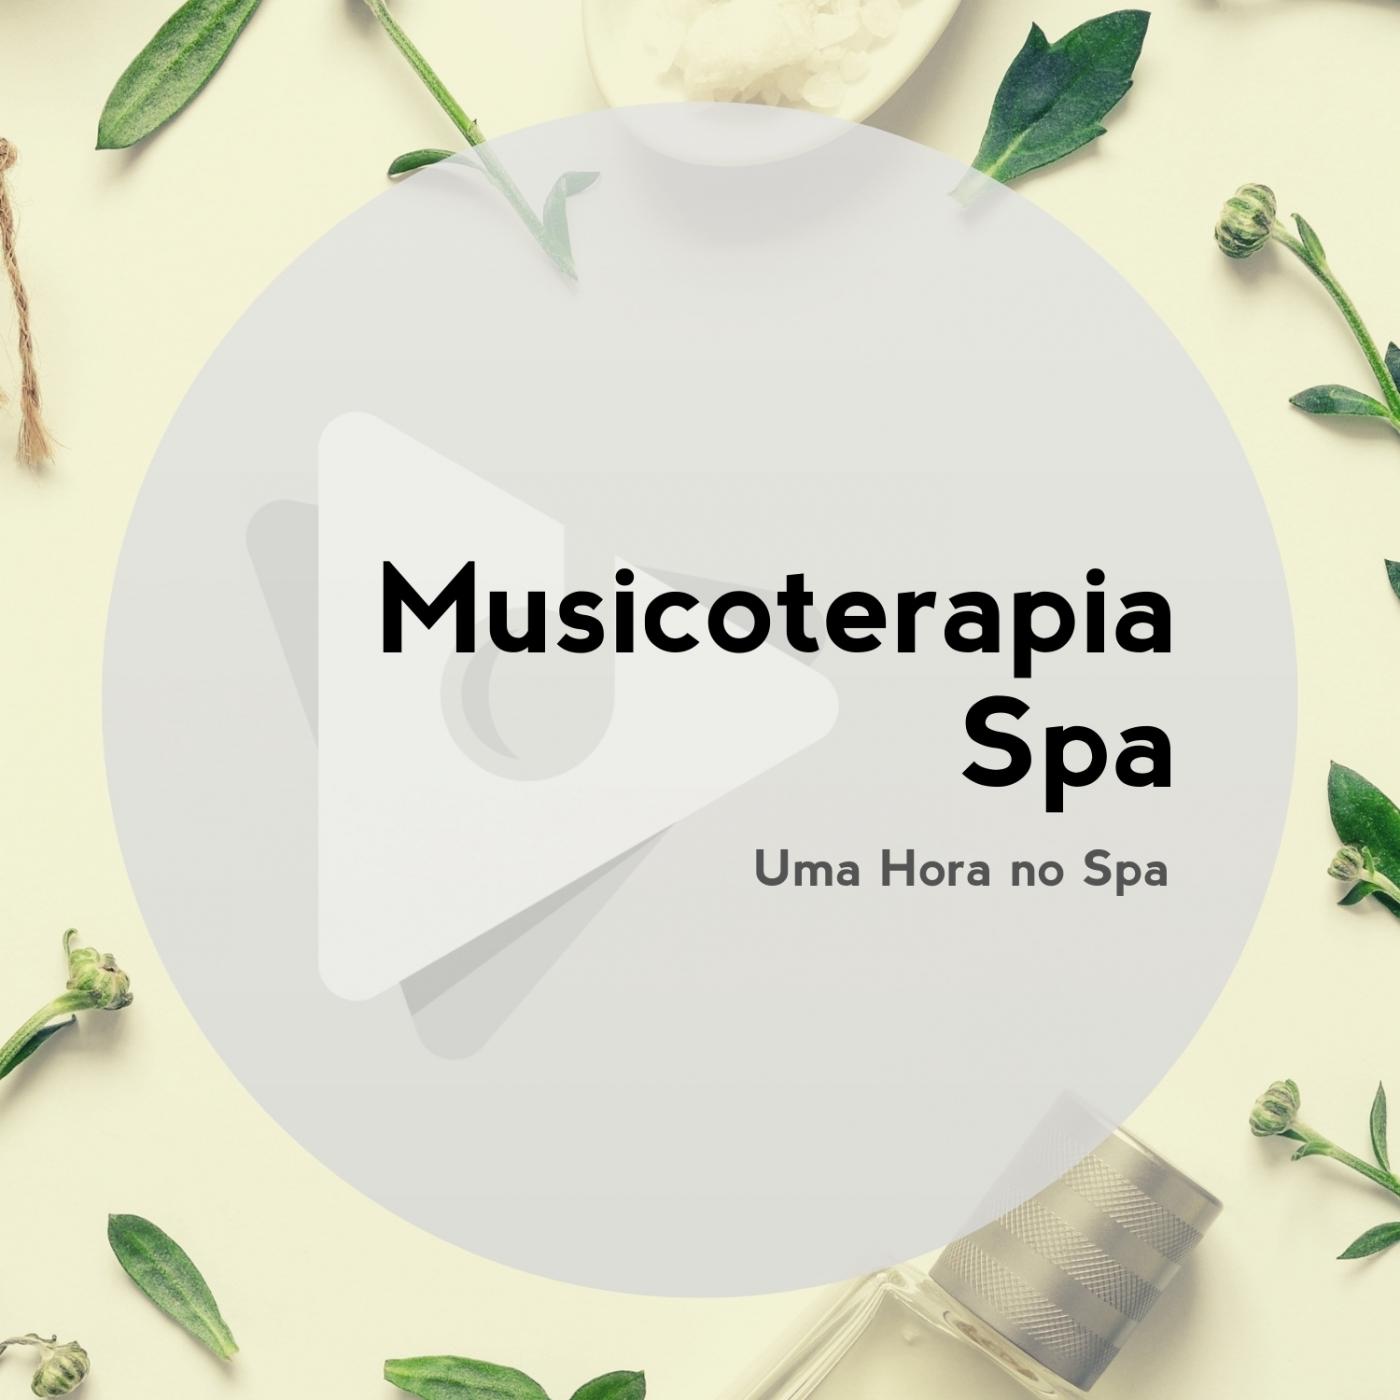 Musicoterapia Spa